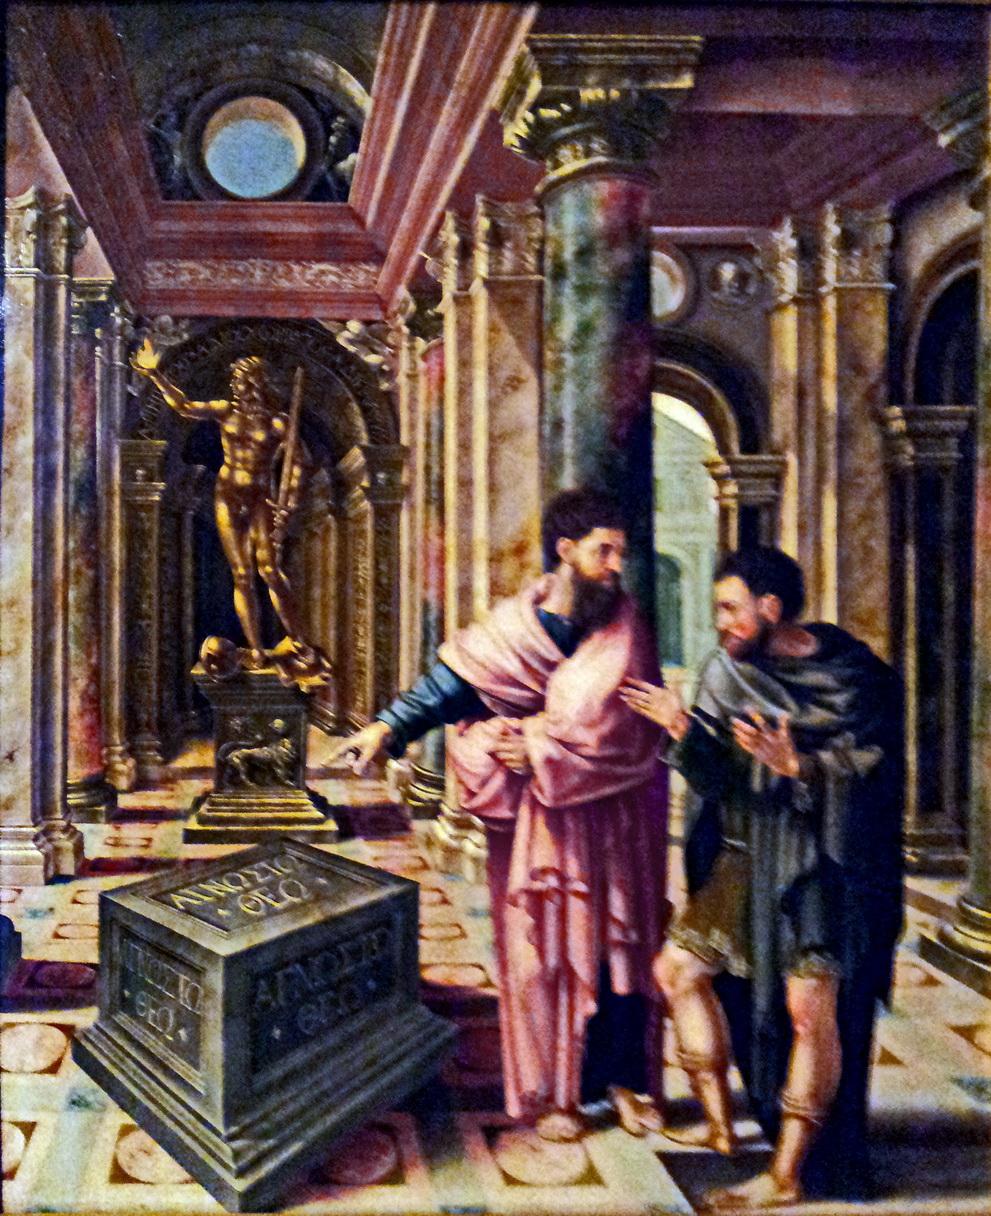 spirituelle rencontre gratuite denis saint rencontre  Avec ce profil bien renseigné, sans que ces bévues peuplent sélection du meilleur de la.